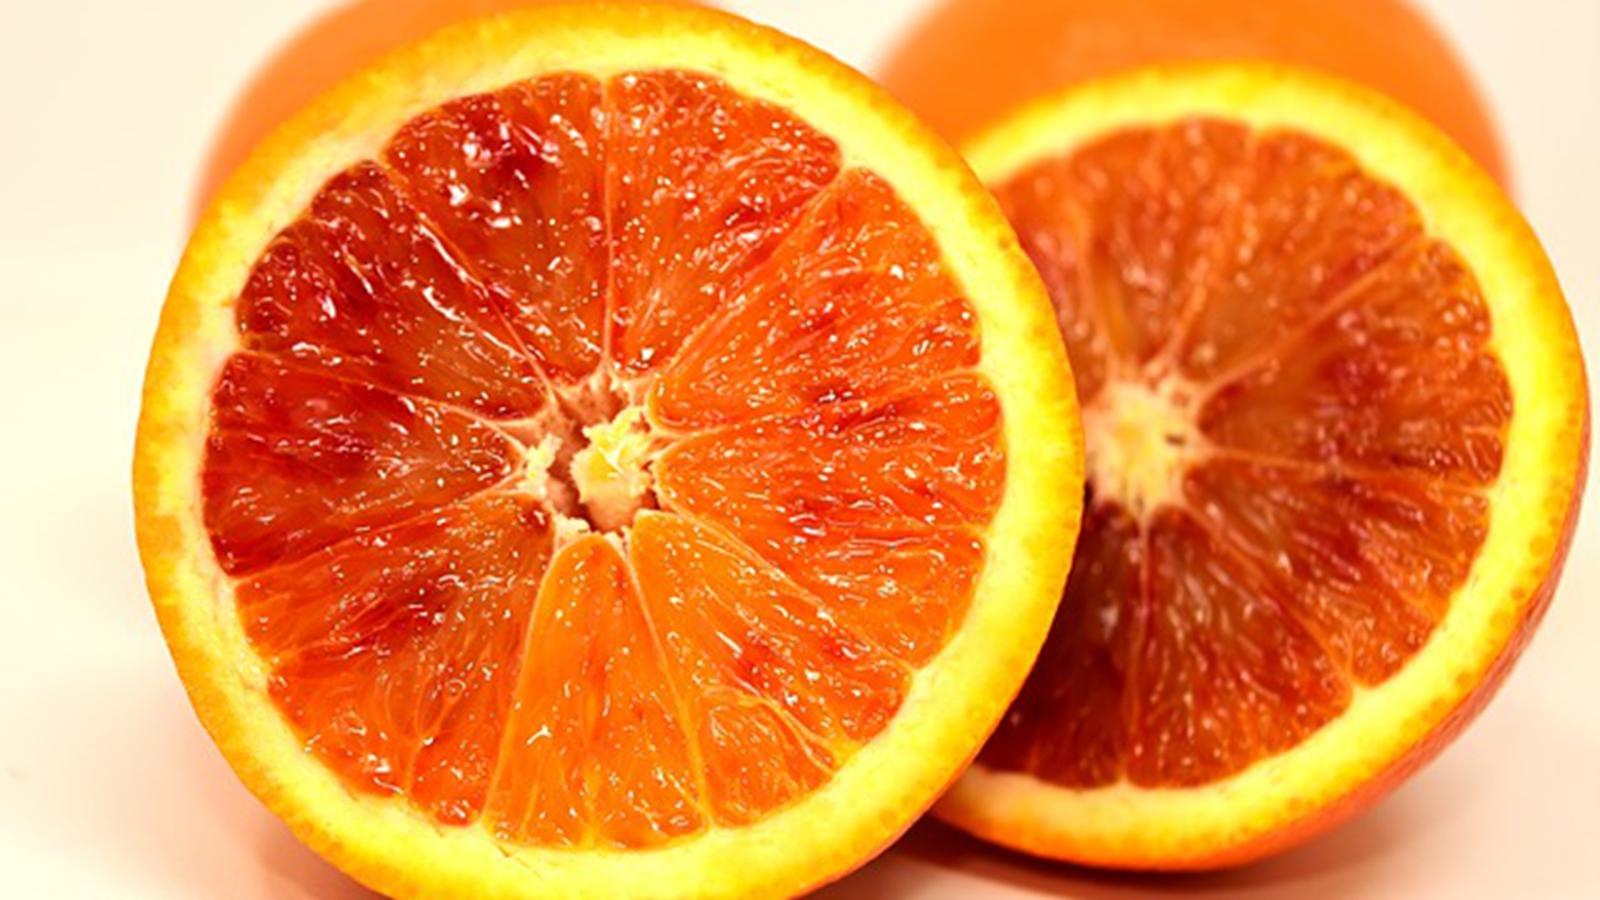 研究:這種水果是抗氧化之寶 保護腸道防癌